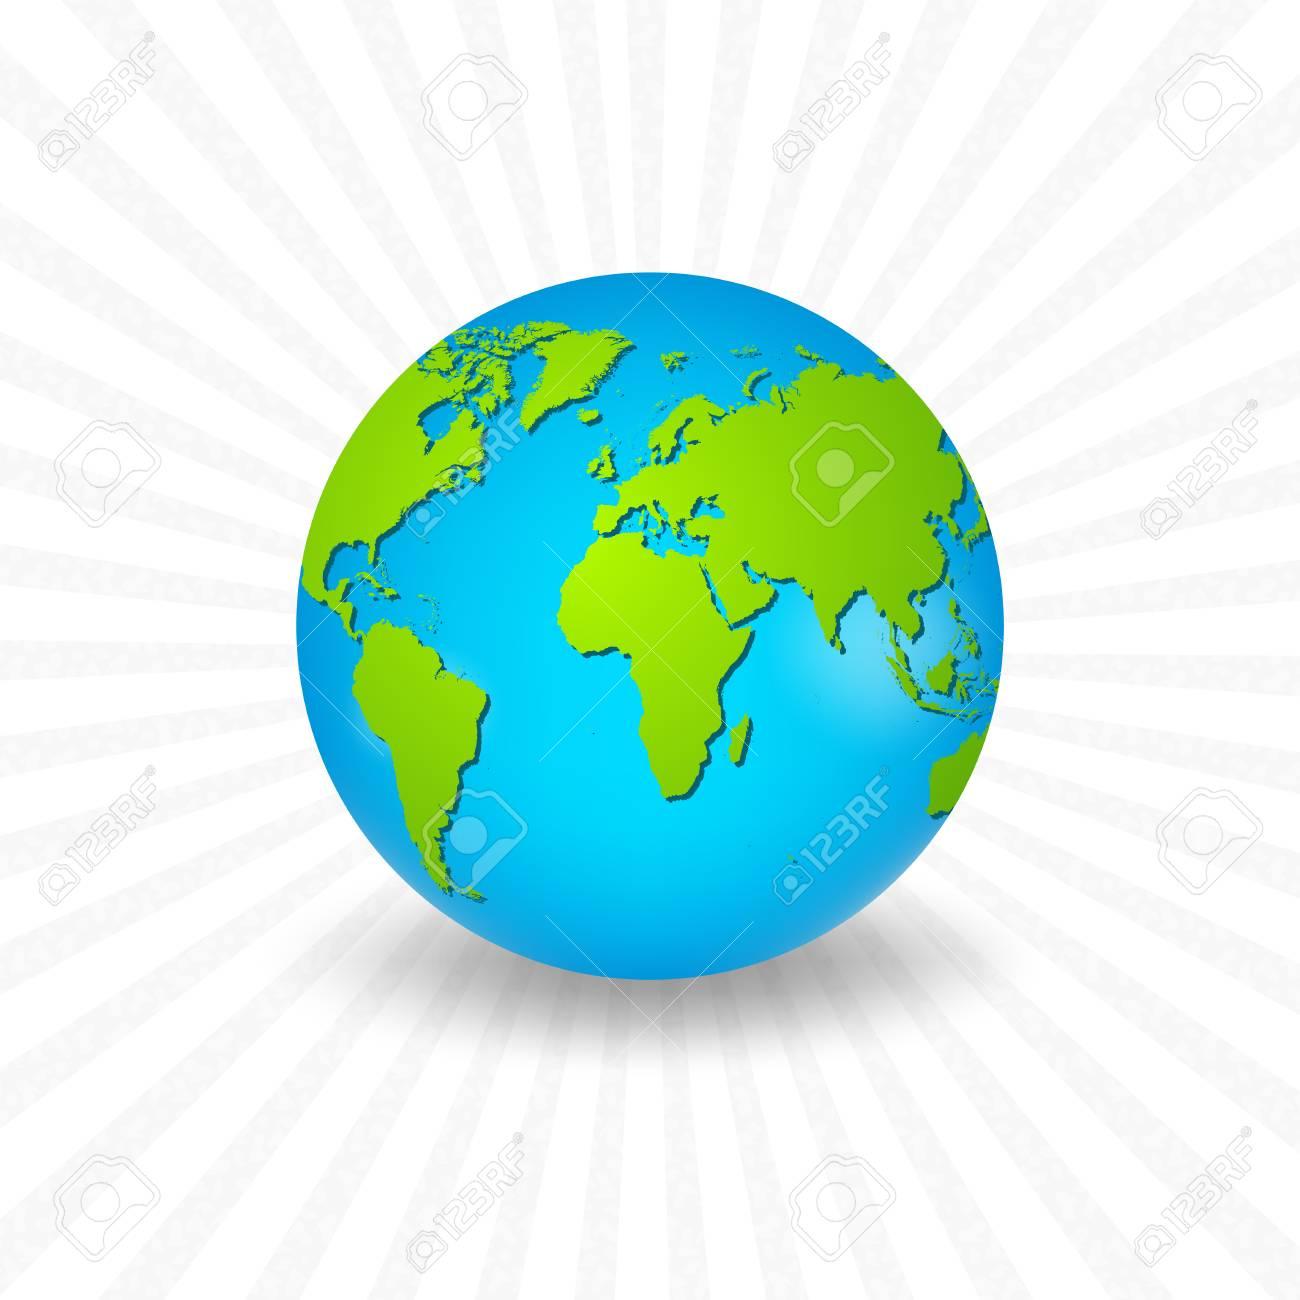 Carte Du Monde Realiste.Planete Terre Avec Une Carte Du Monde Realiste Clip Art Libres De